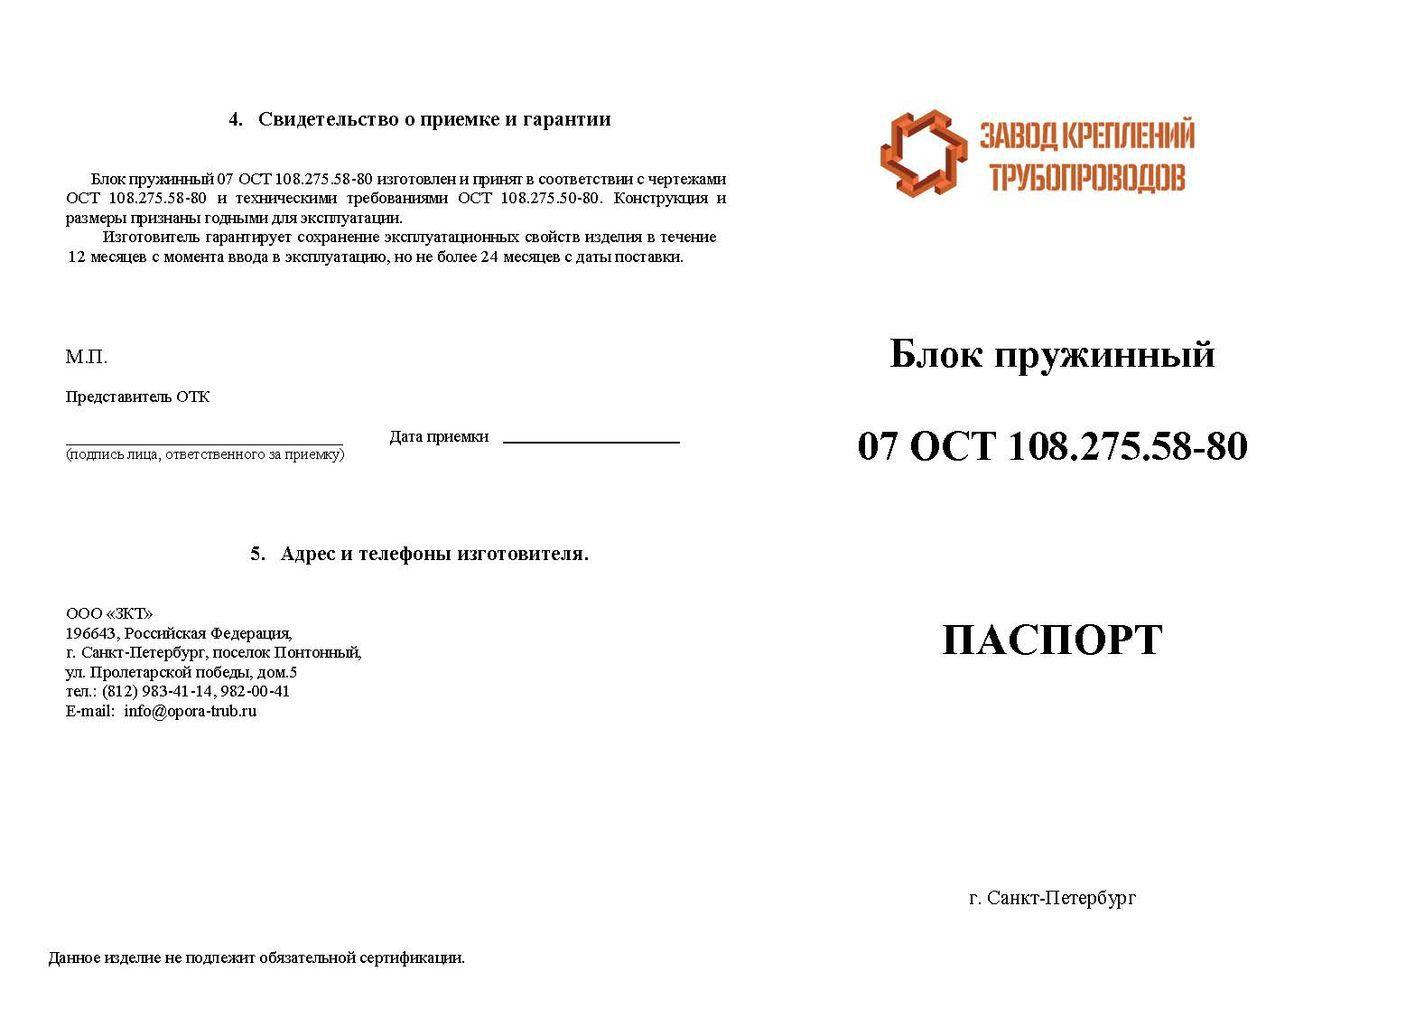 Паспорт Блок пружинный 07 ОСТ 108.275.58-80 стр.1